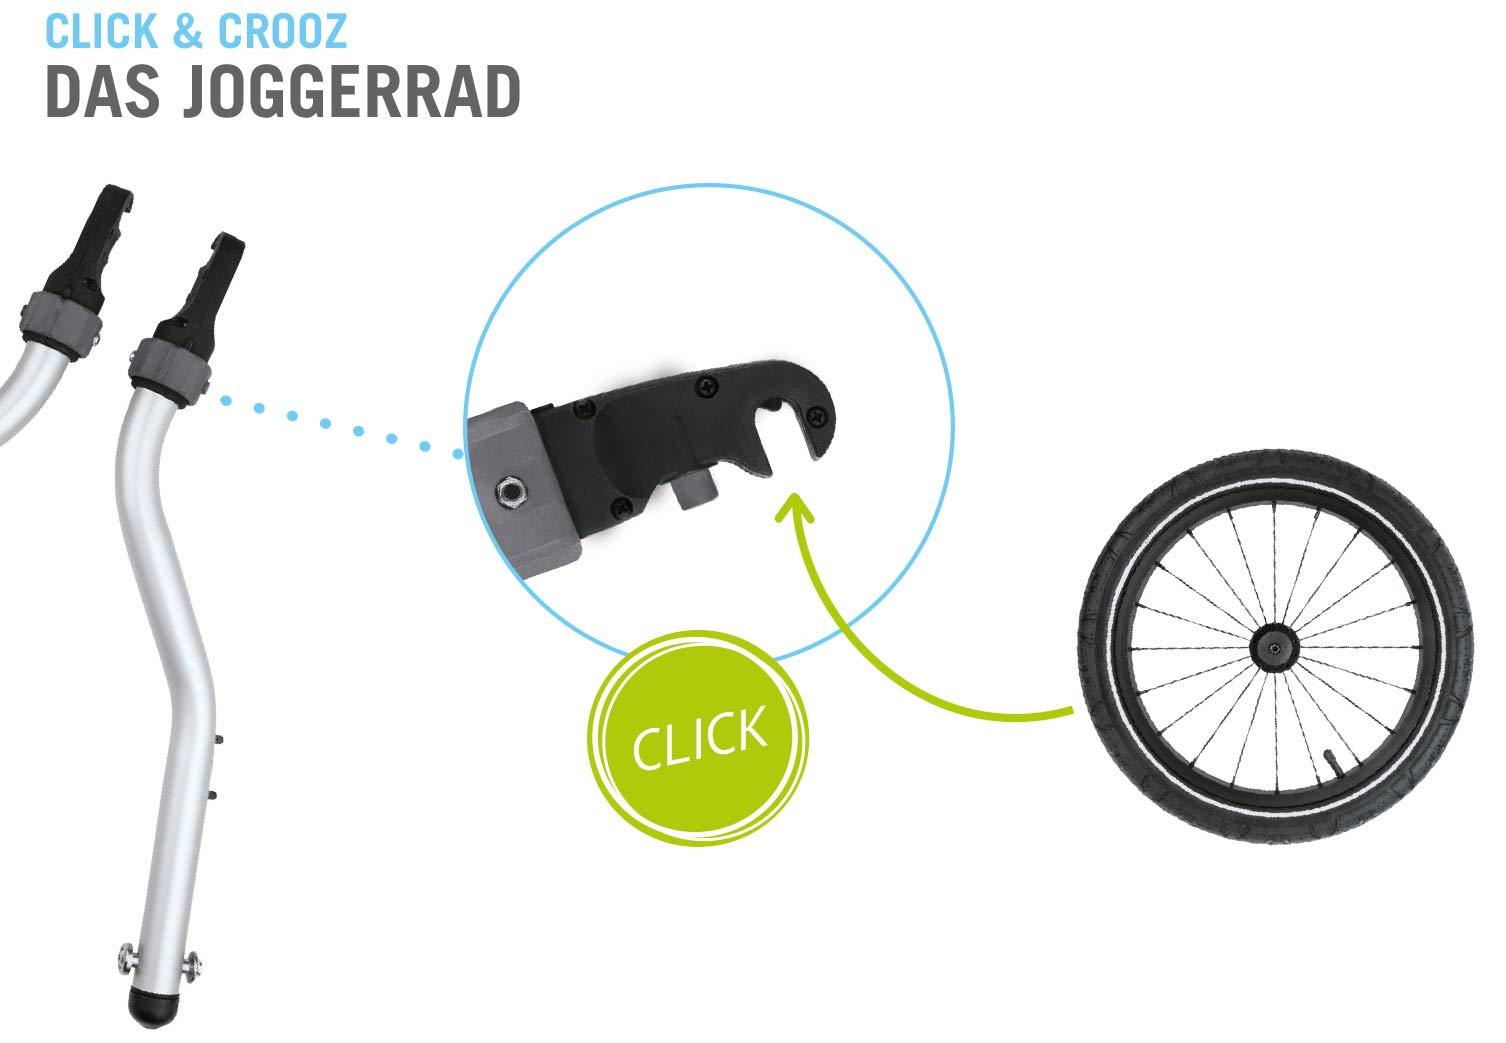 Croozer Joggerrad mit Klick